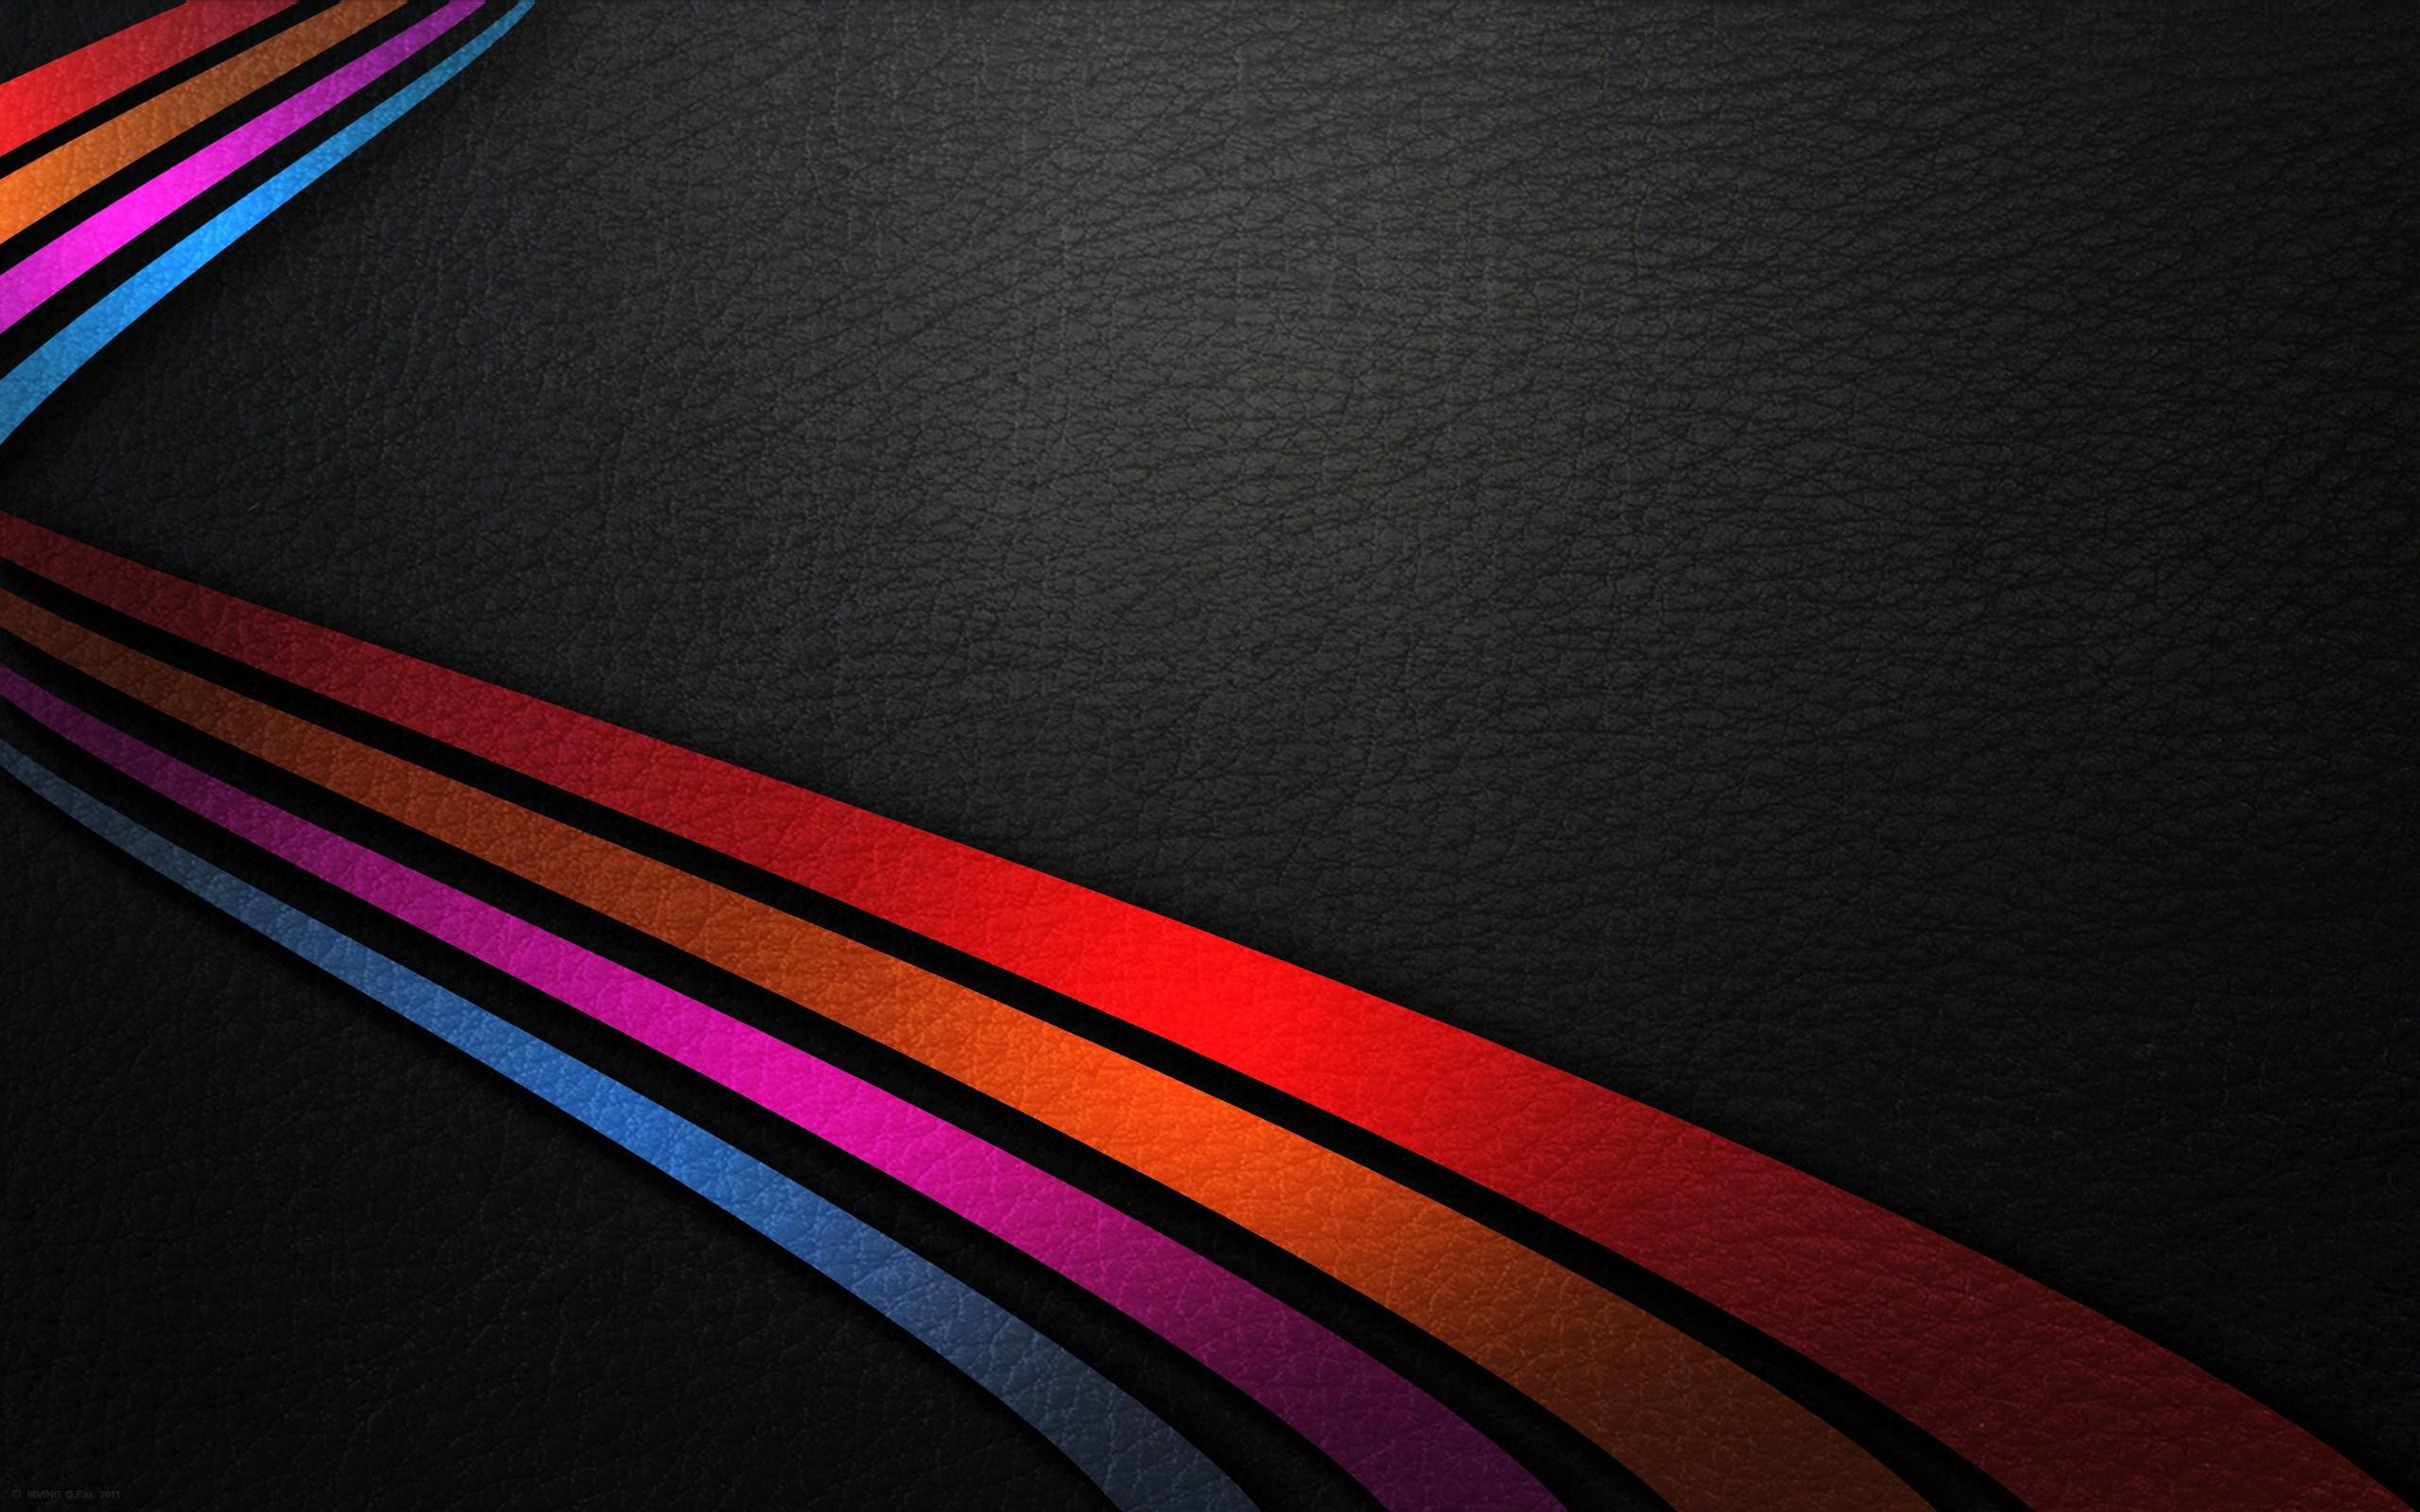 Strips964582801 - Strips - Strips, Minimalistic